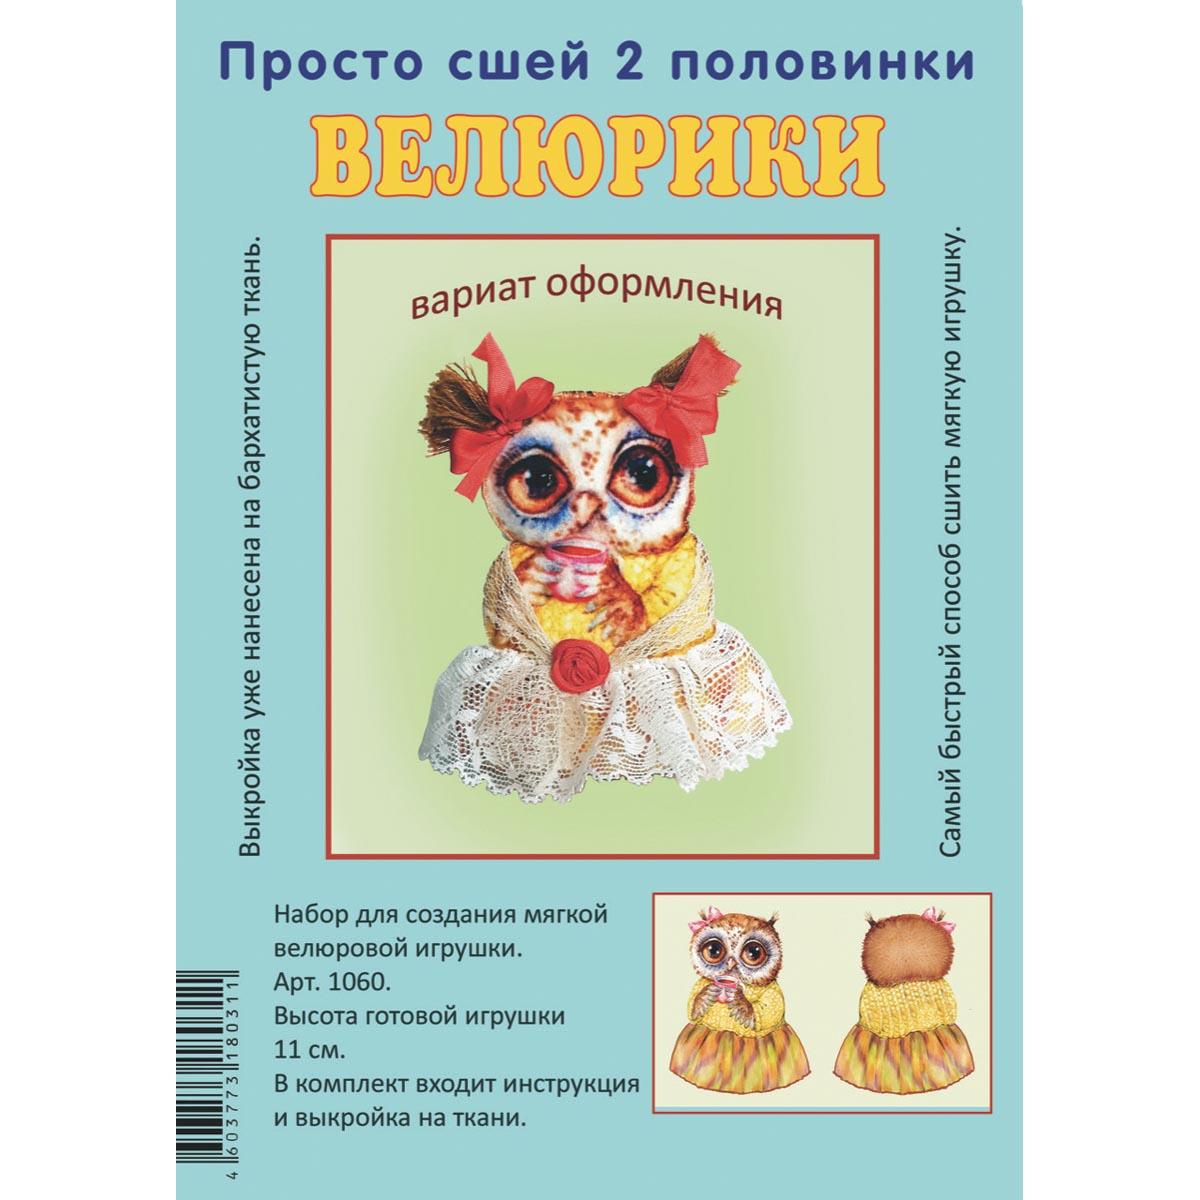 1060 Набор для творчества Велюрики 'Сова в желтом платье'11см